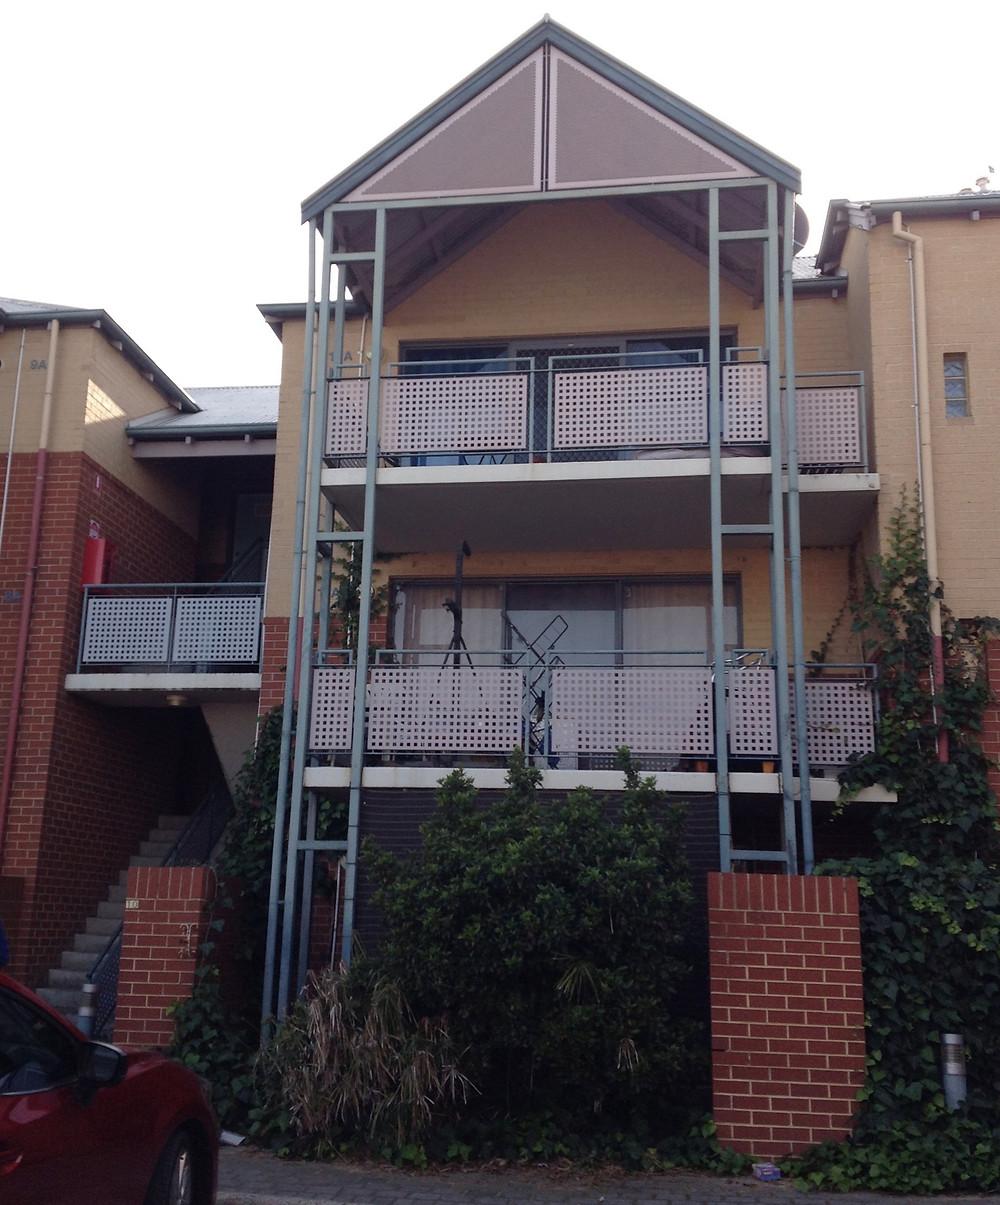 Conspar structural building repair works at Rivervale apartment complex